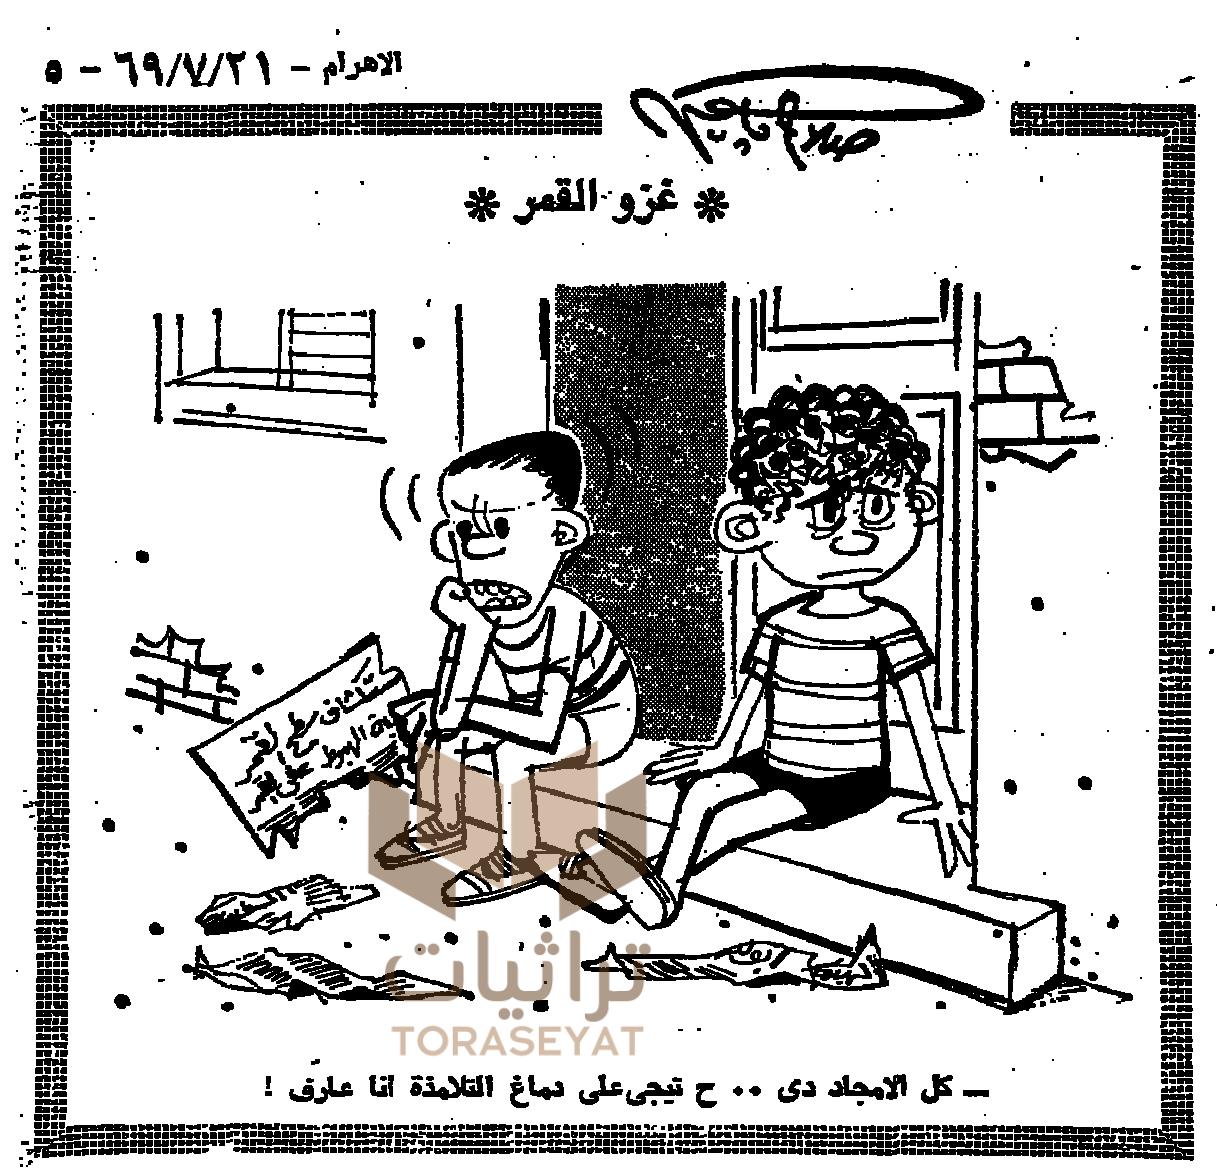 كاريكاتير صلاح جاهين عن معاناة التلامذة من الهبوط على سطح القمر